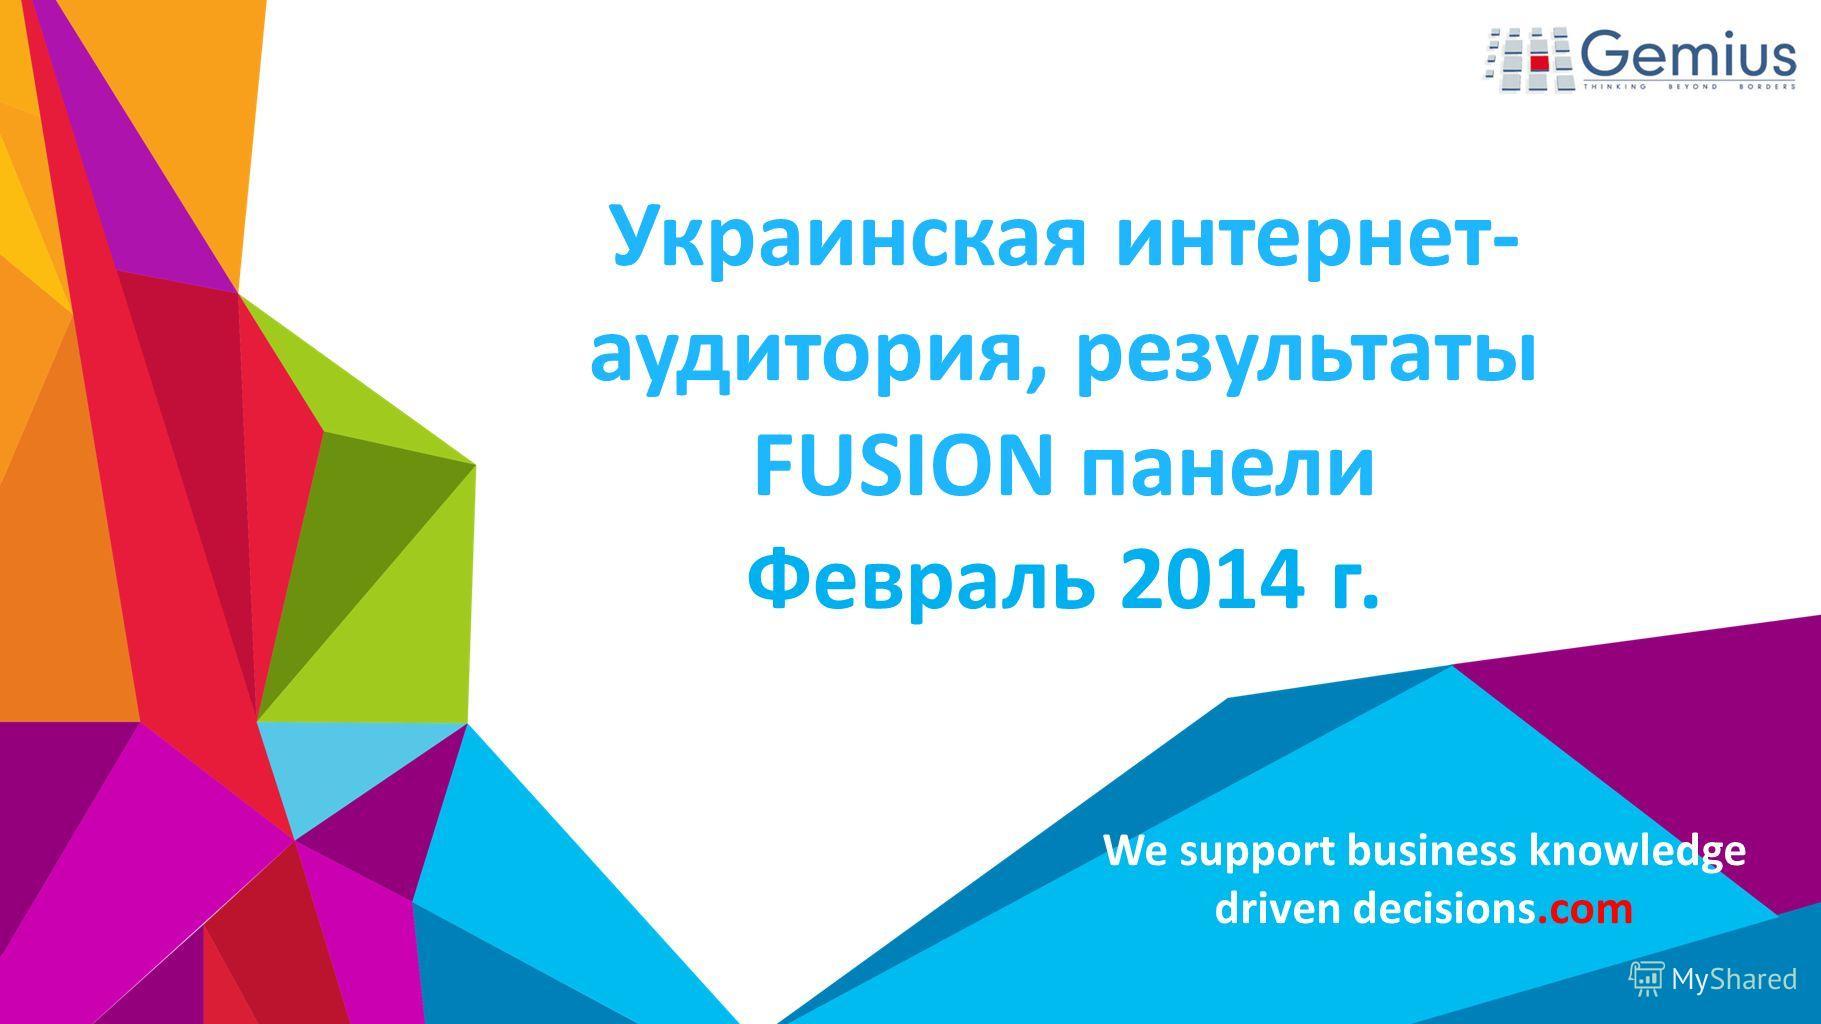 We support business knowledge driven decisions.com Украинская интернет- аудитория, результаты FUSION панели Февраль 2014 г.